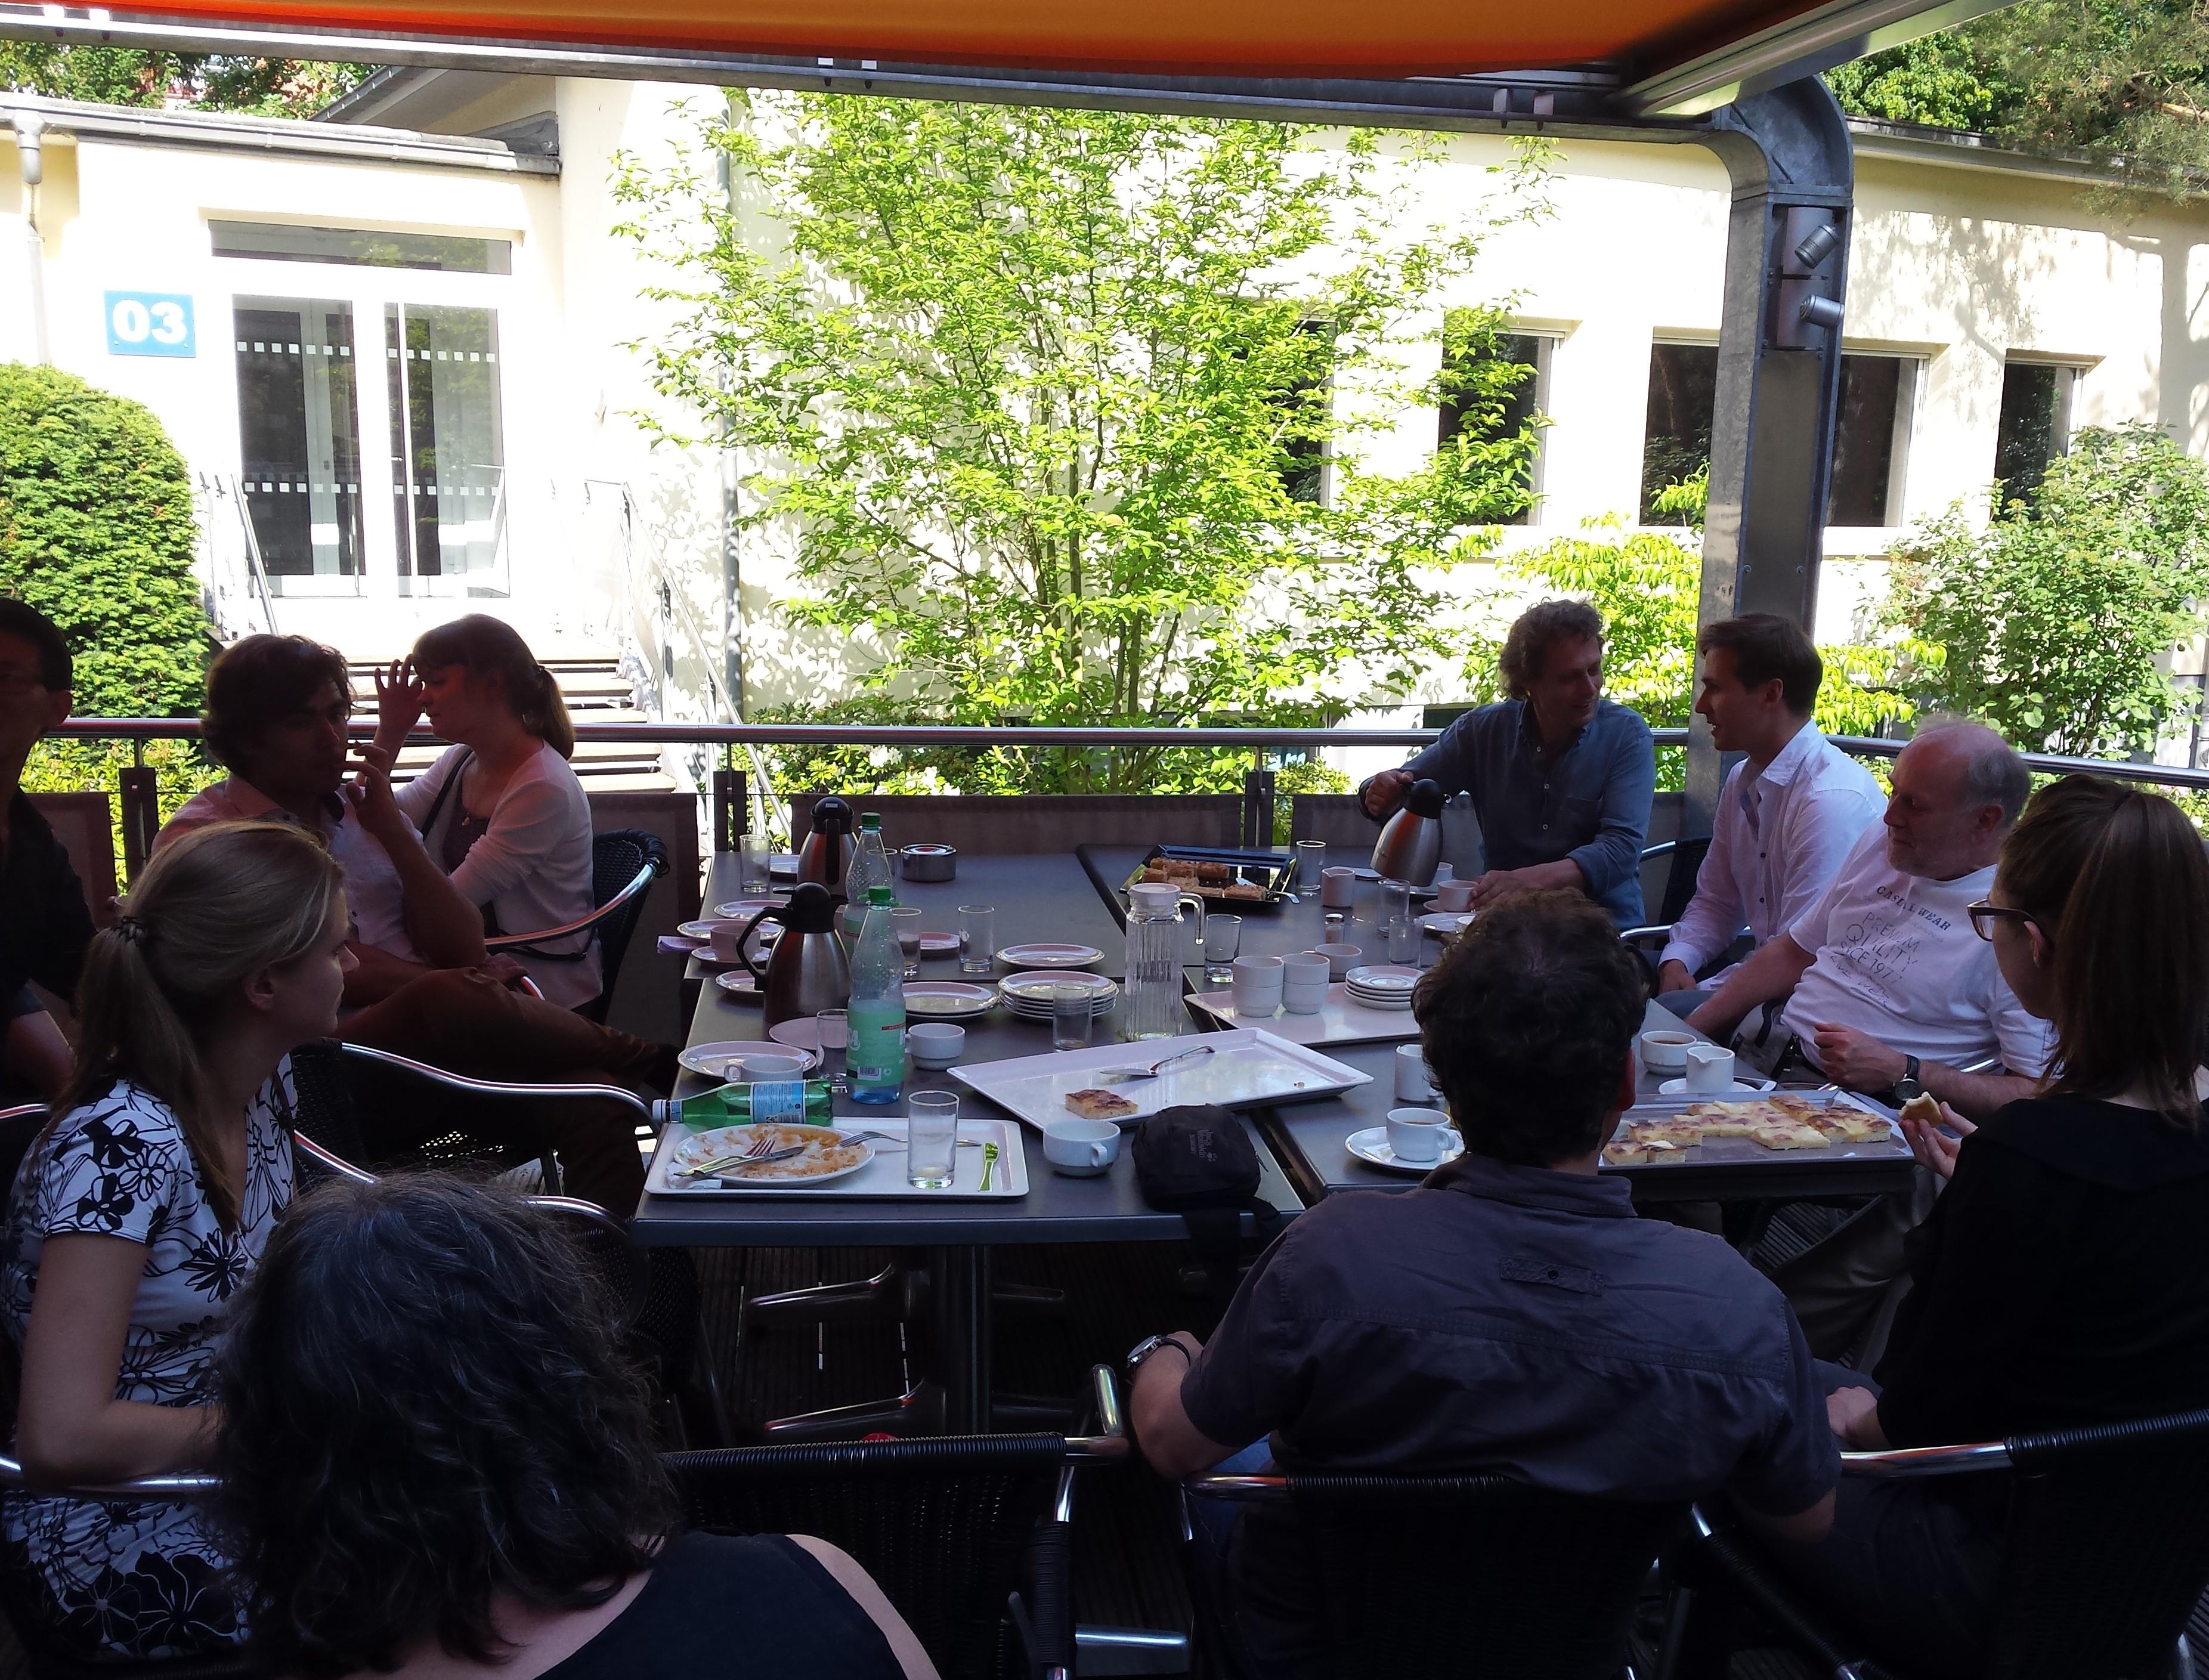 Kollegen und Akademisten bei Kaffee und Kuchen nach dem Workshop